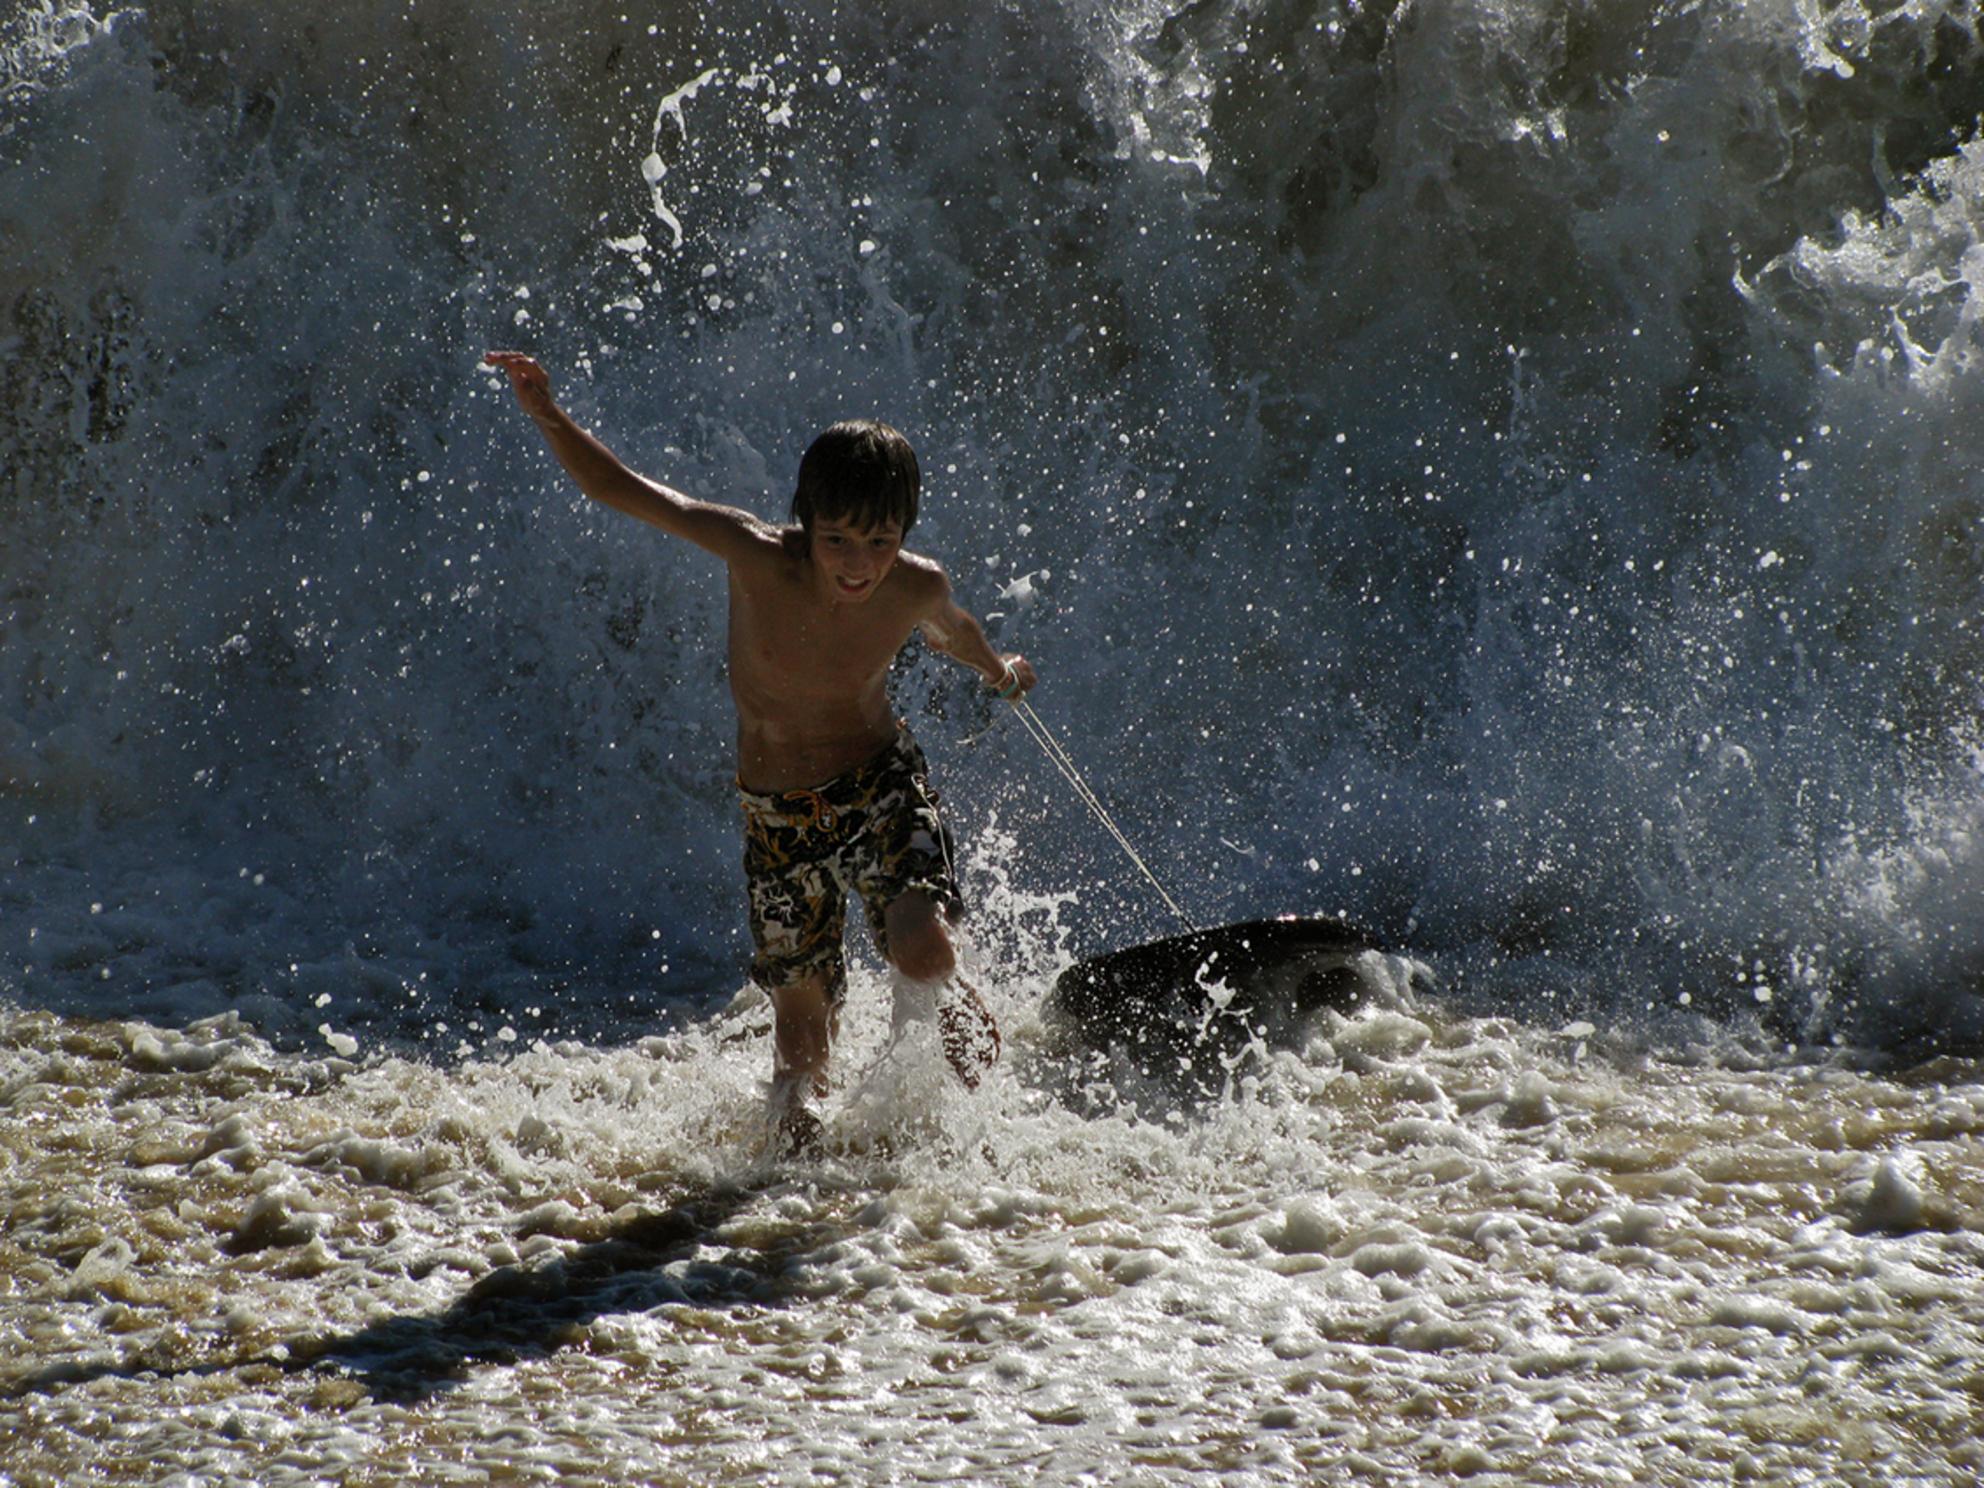 Rennen !! - Foto van mijn zoontje die werd overvallen door een wel heel grote golf. - foto door sancomes op 09-09-2011 - deze foto bevat: actie, rennen - Deze foto mag gebruikt worden in een Zoom.nl publicatie